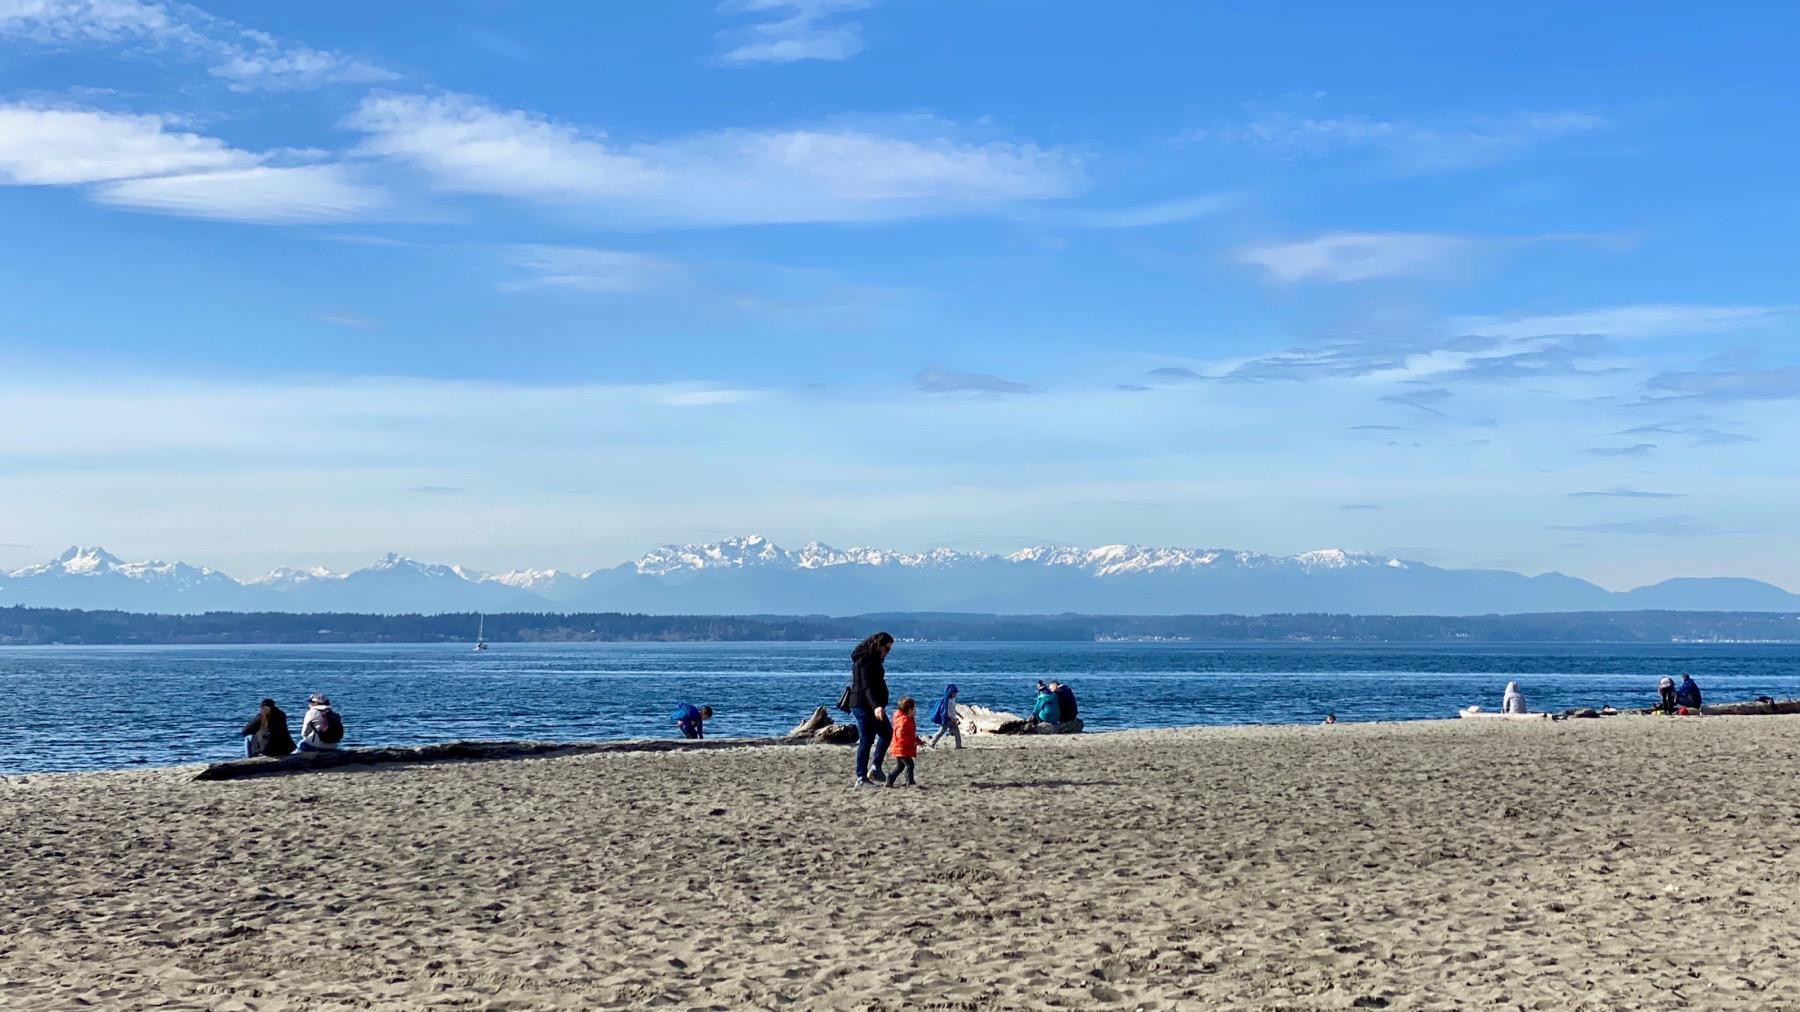 Olympics beach